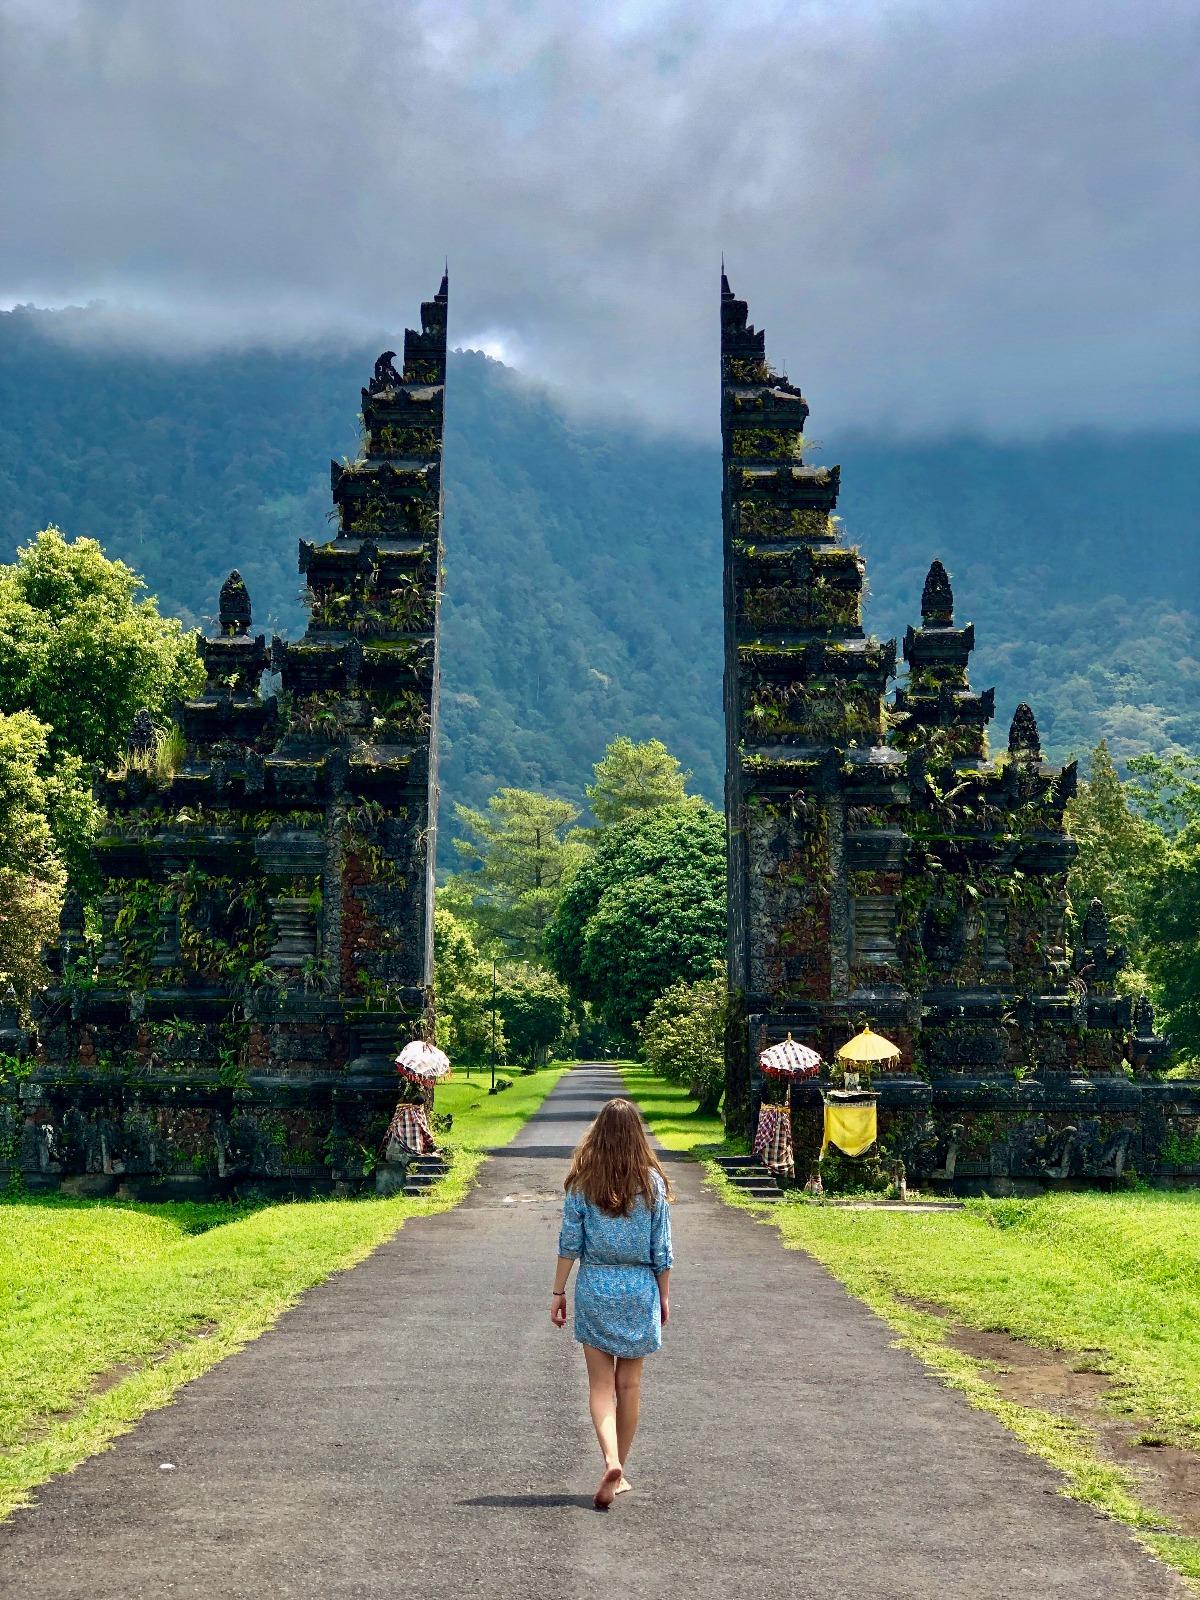 Handara gates